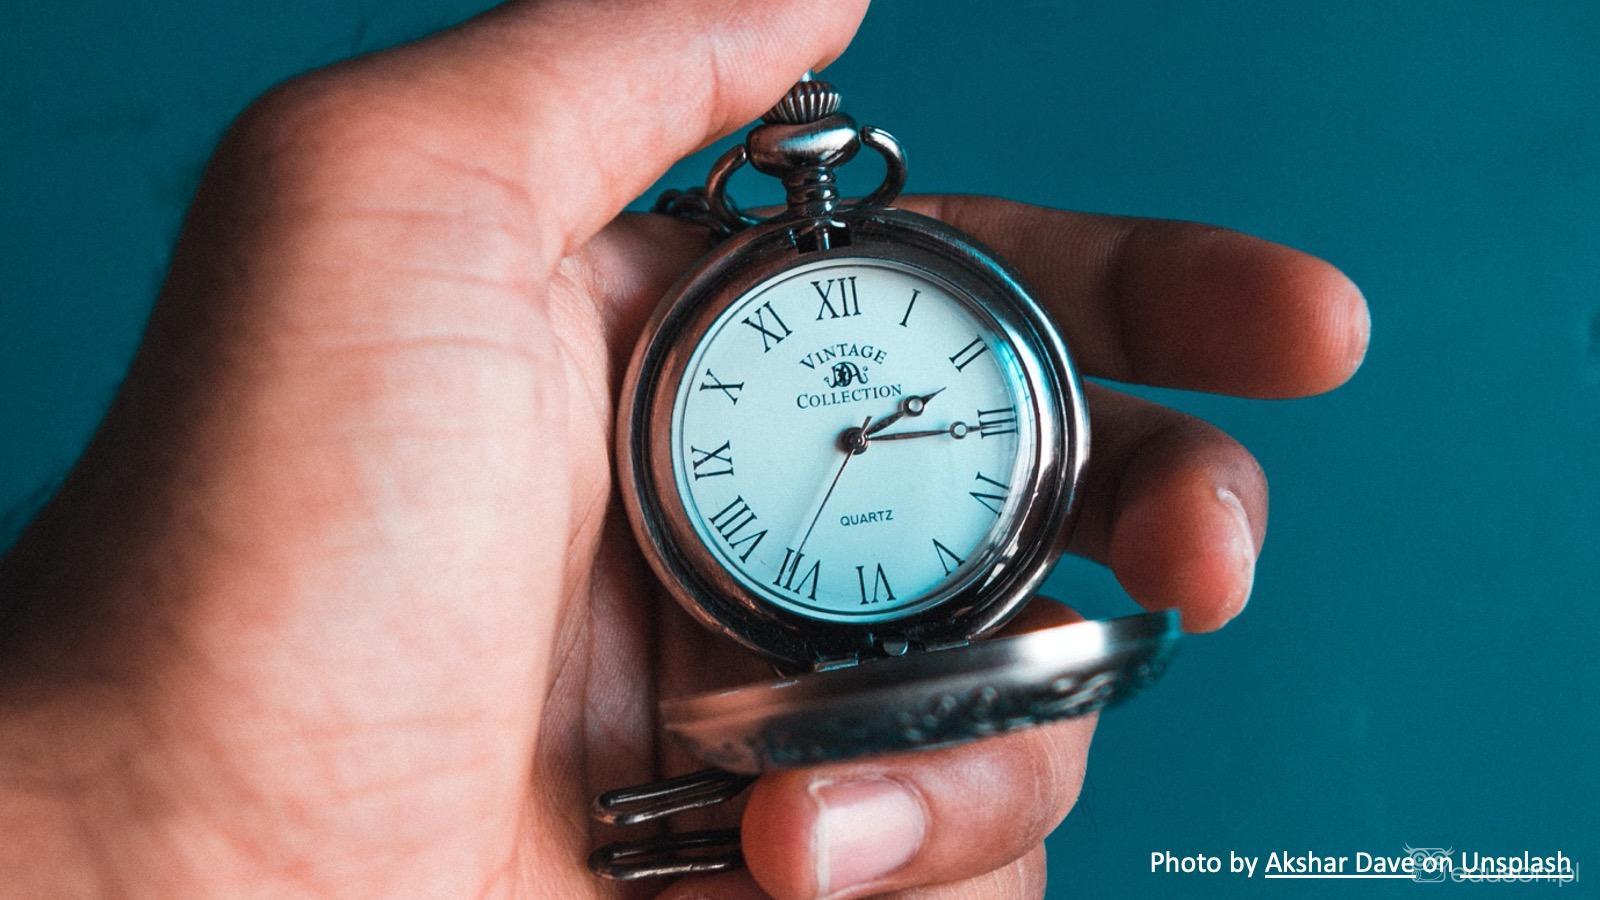 #36 5, 10, 15... minut? - Portal wymiany wiedzy o ultrasonografii - Eduson